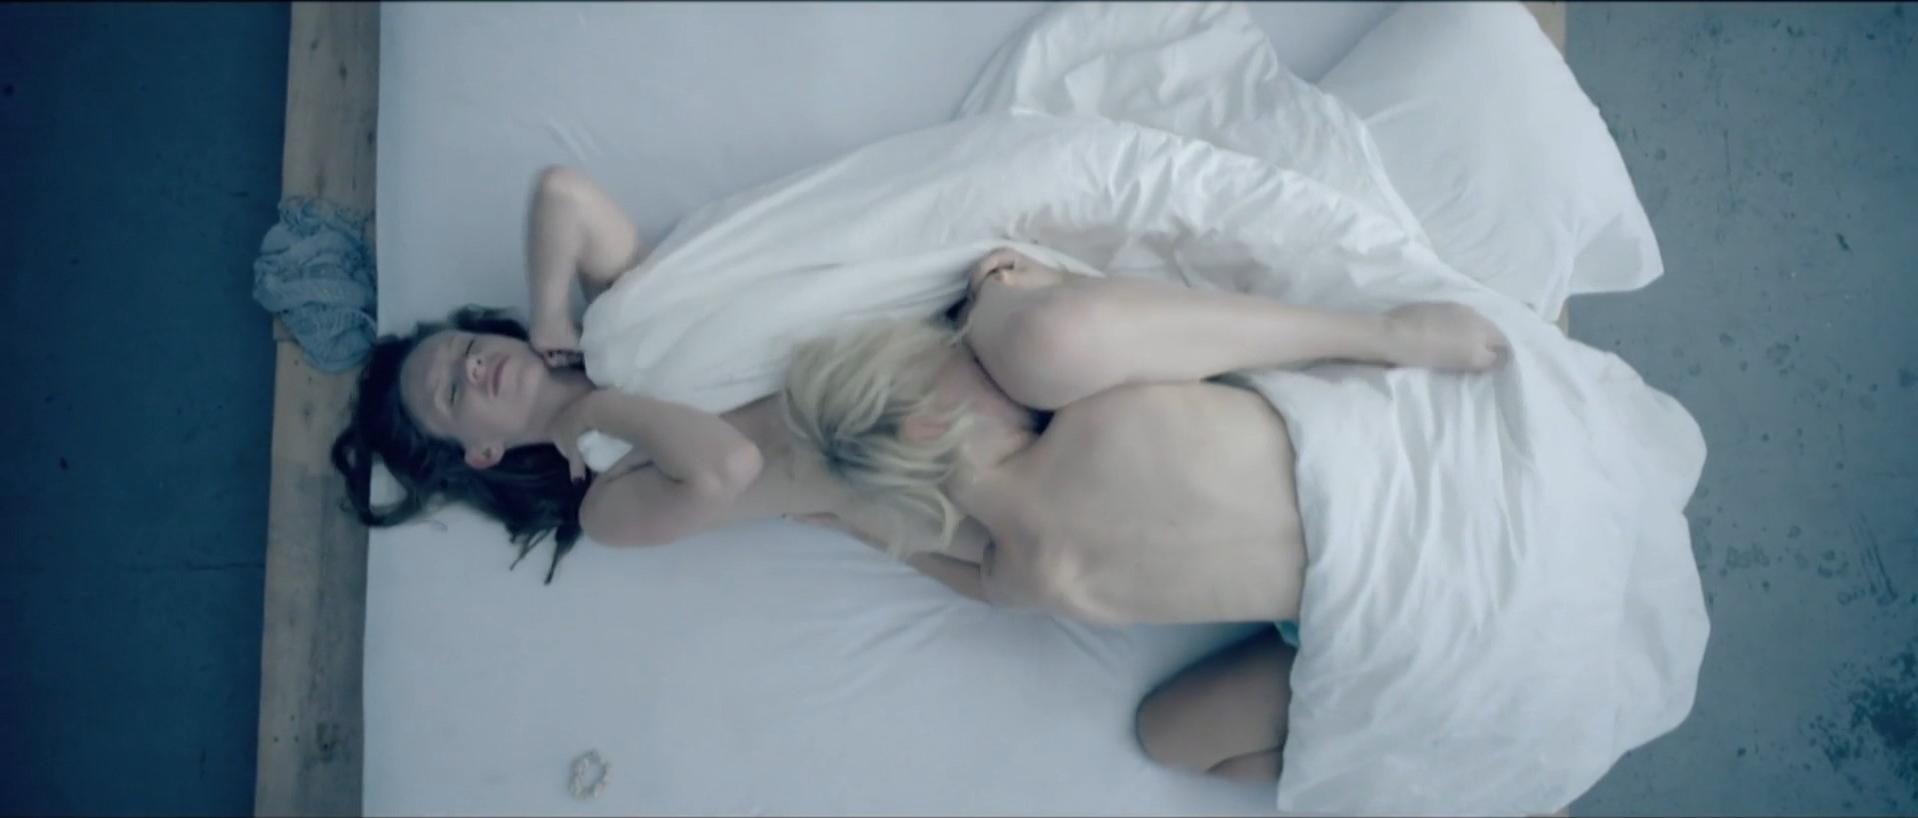 Agnieszka Zulewska nude, Matylda Paszczenko nude - Pocalunek (2012)